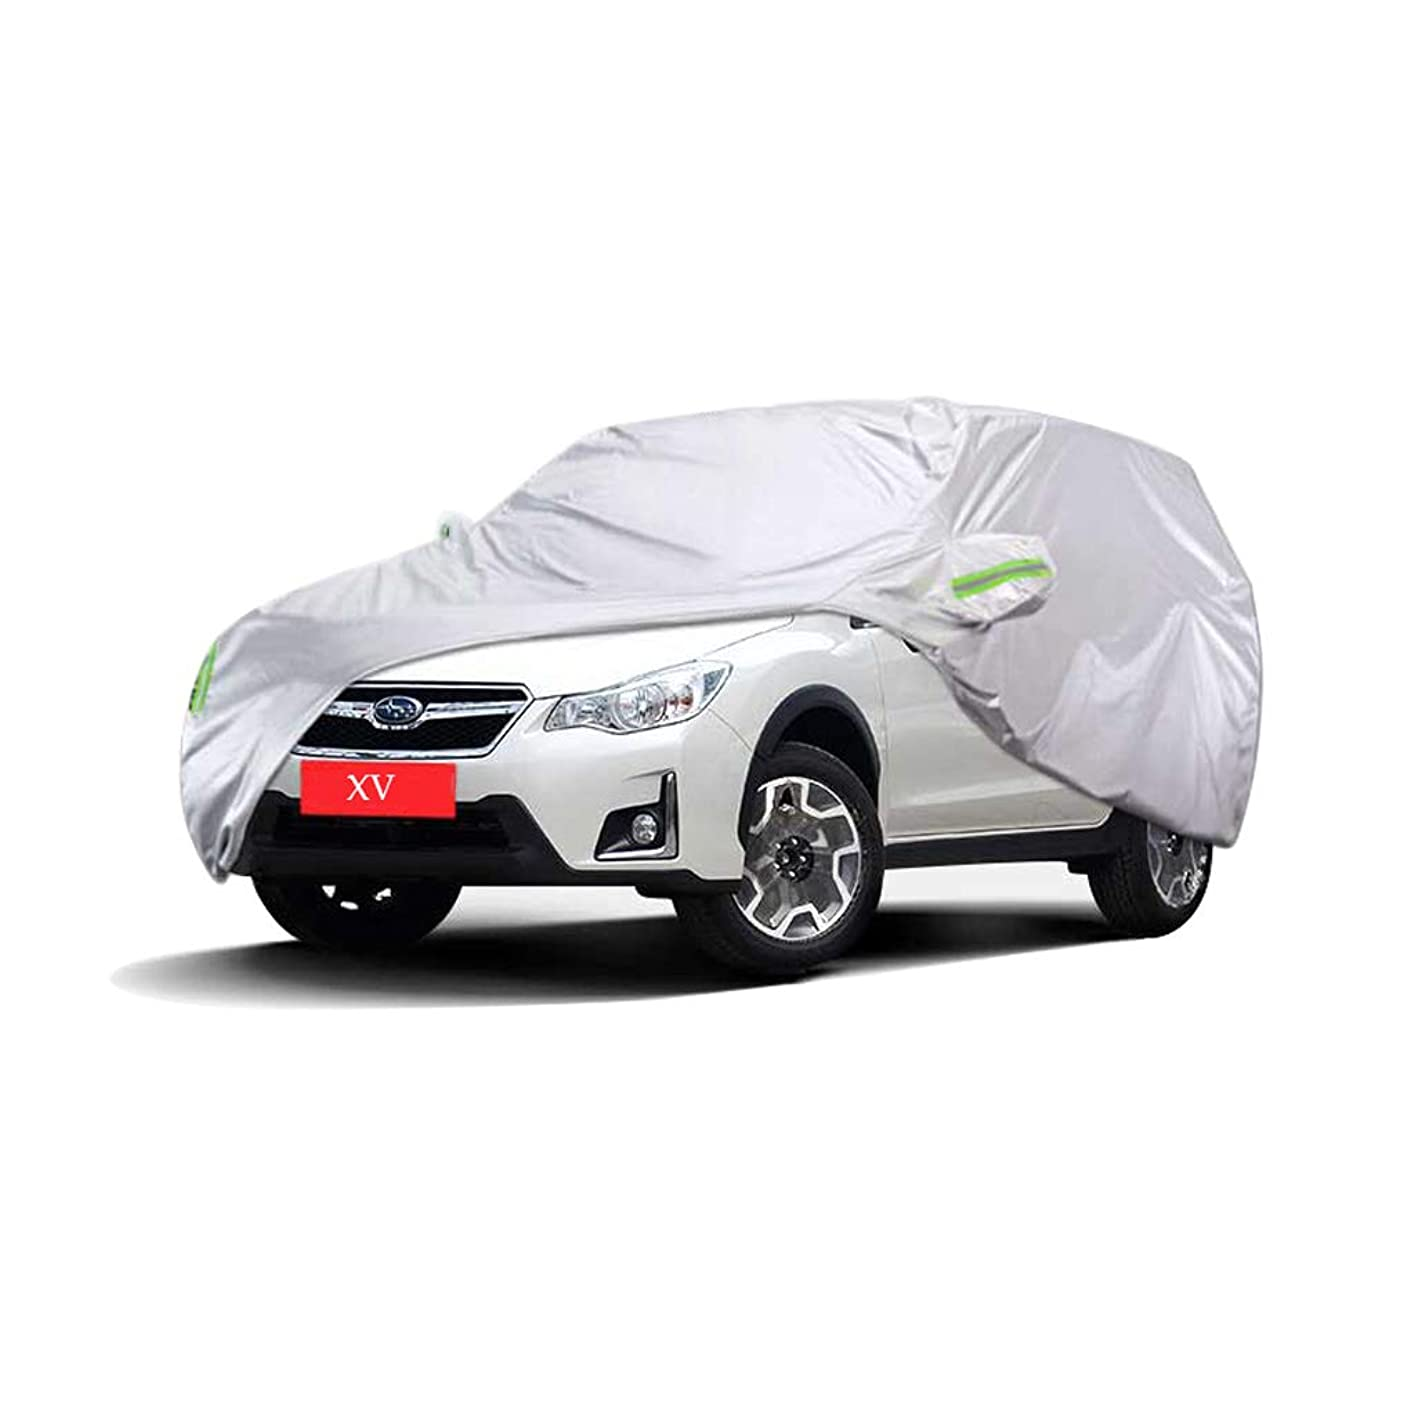 こどもセンター気球納税者車のカバー スバルXVスペシャルカーカバーSUV厚いオックスフォード布日焼け止め防雨暖かいカバーカーカバー (サイズ さいず : 2016)